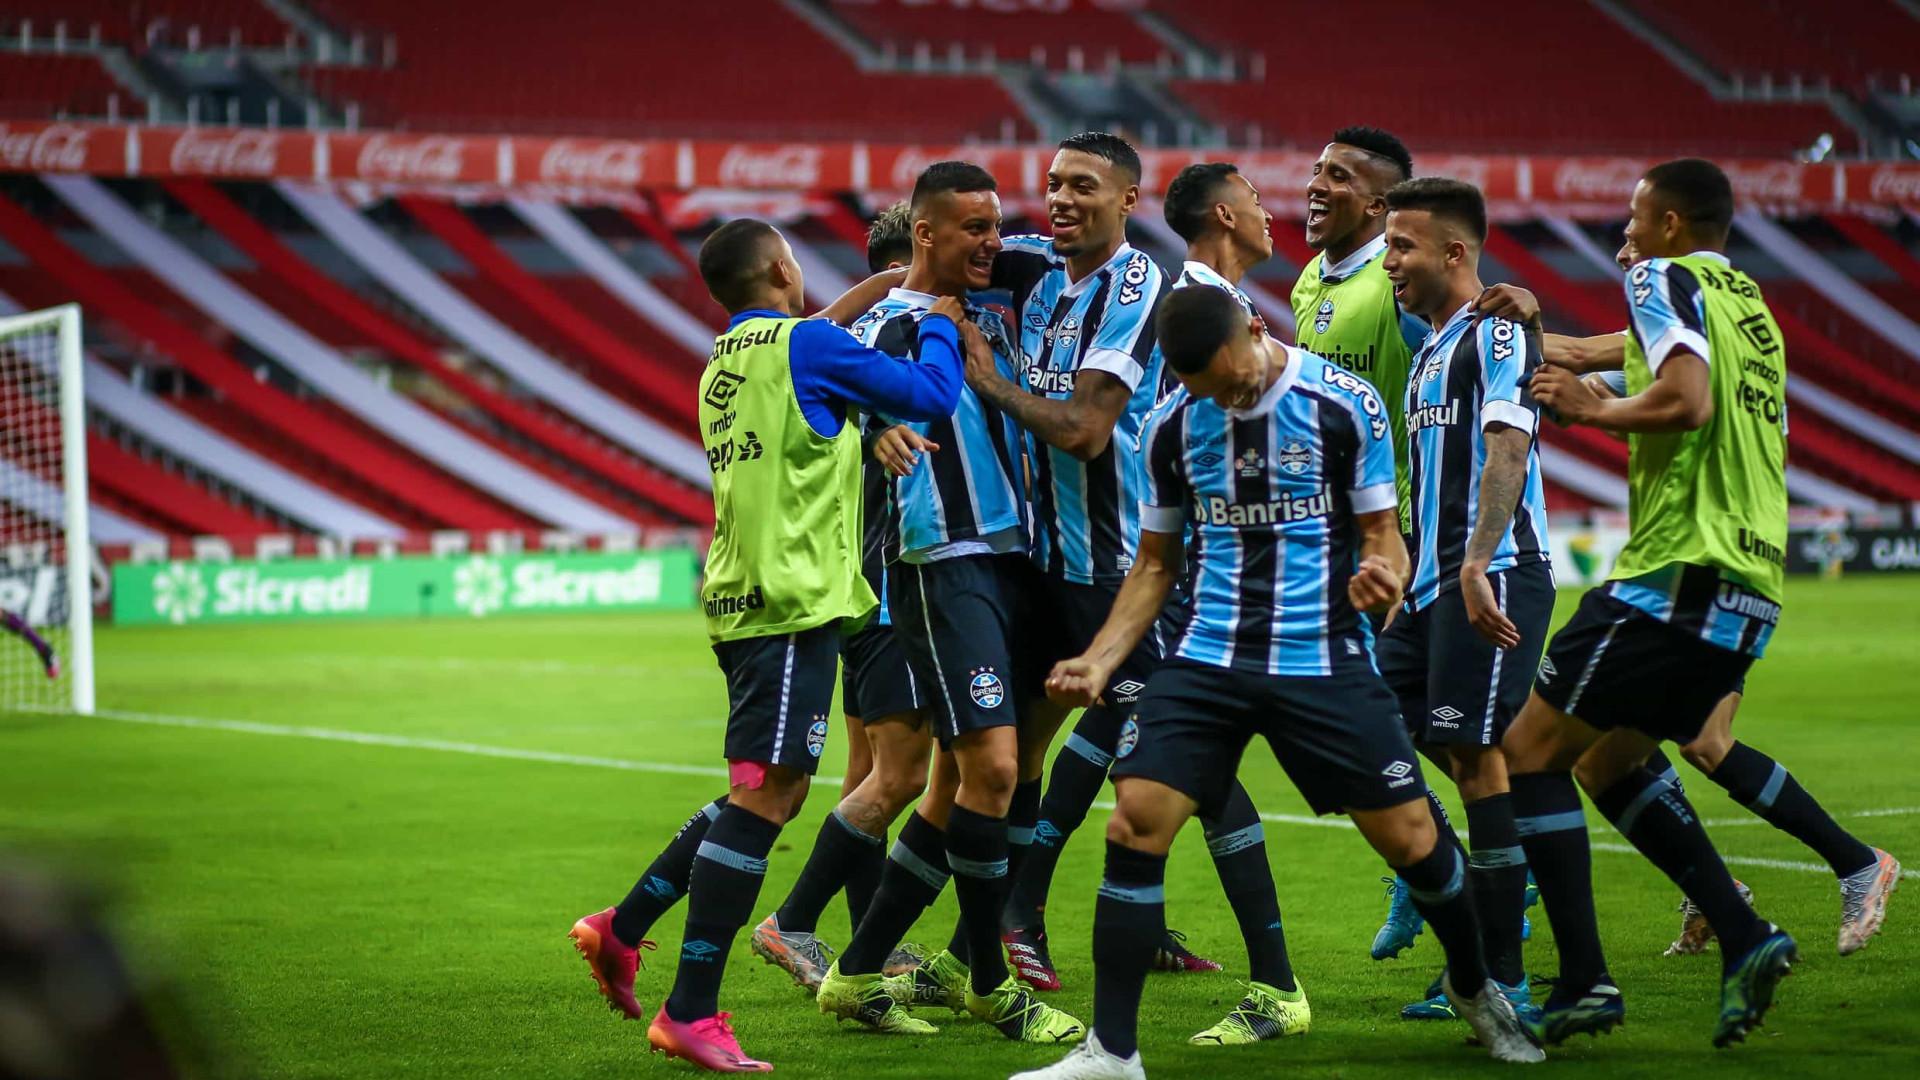 Em busca do tetra, Grêmio vence o Inter de virada e leva vantagem para a Arena